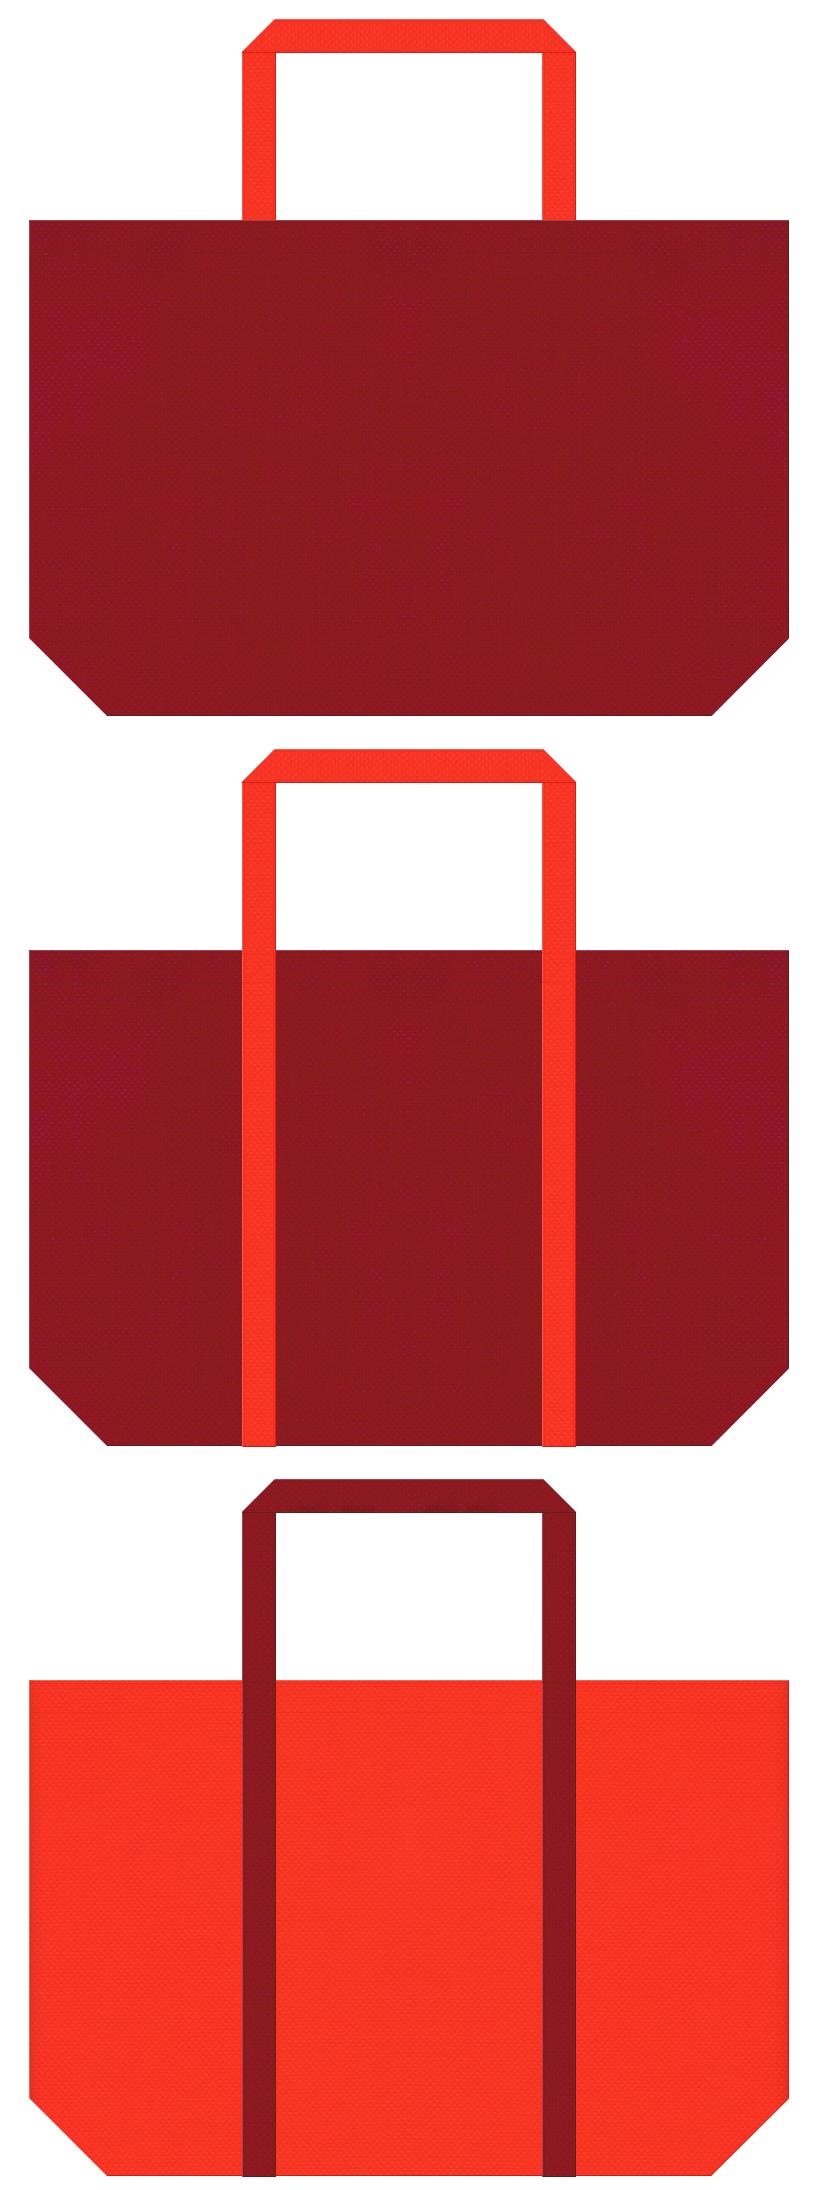 スポーツ・アウトドア・バーベキュー・ランタン・キャンプ用品・紅葉・観光土産にお奨めの不織布バッグデザイン:エンジ色とオレンジ色の不織布ショッピングバッグのデザイン